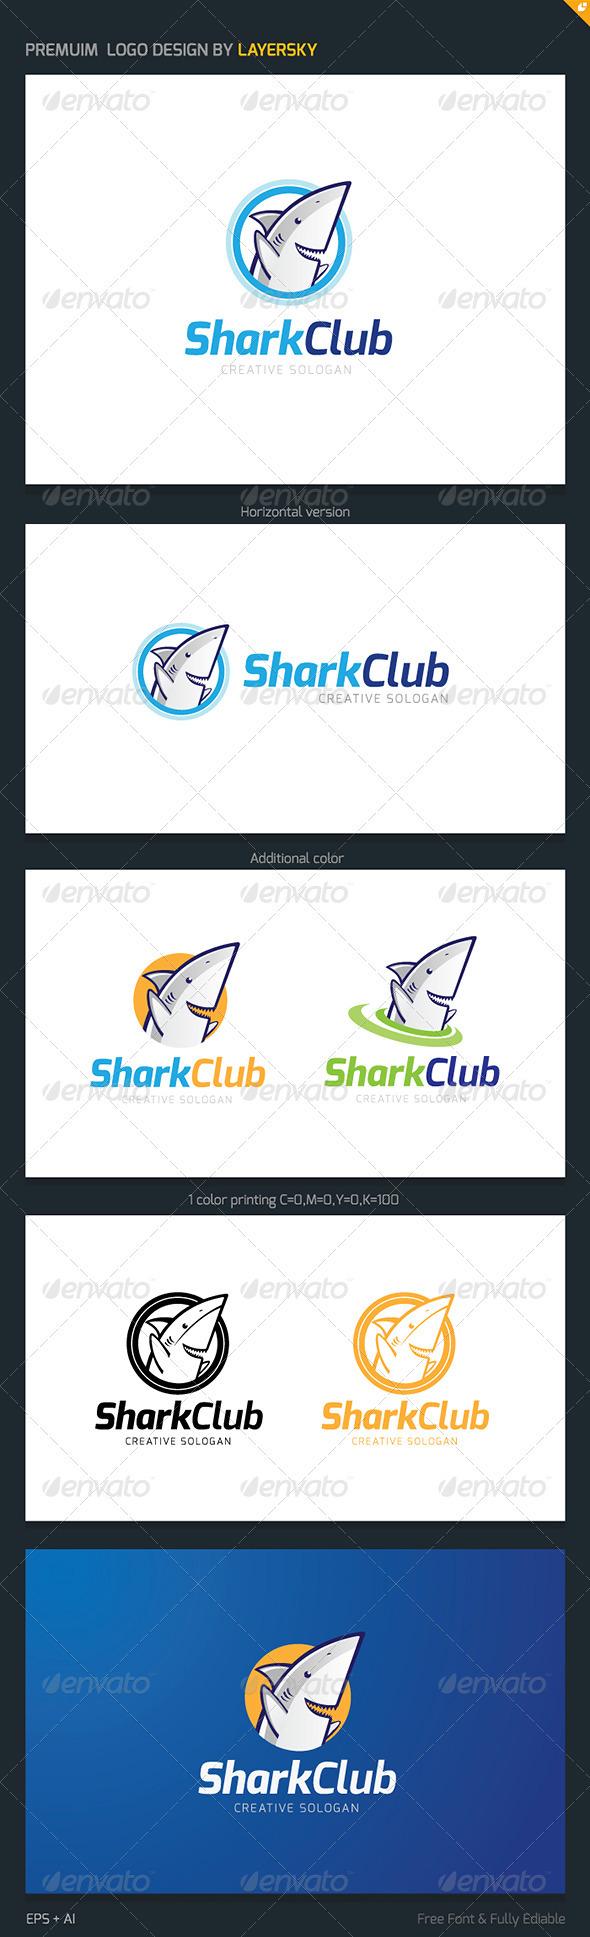 GraphicRiver Shark Club Logo 3948697